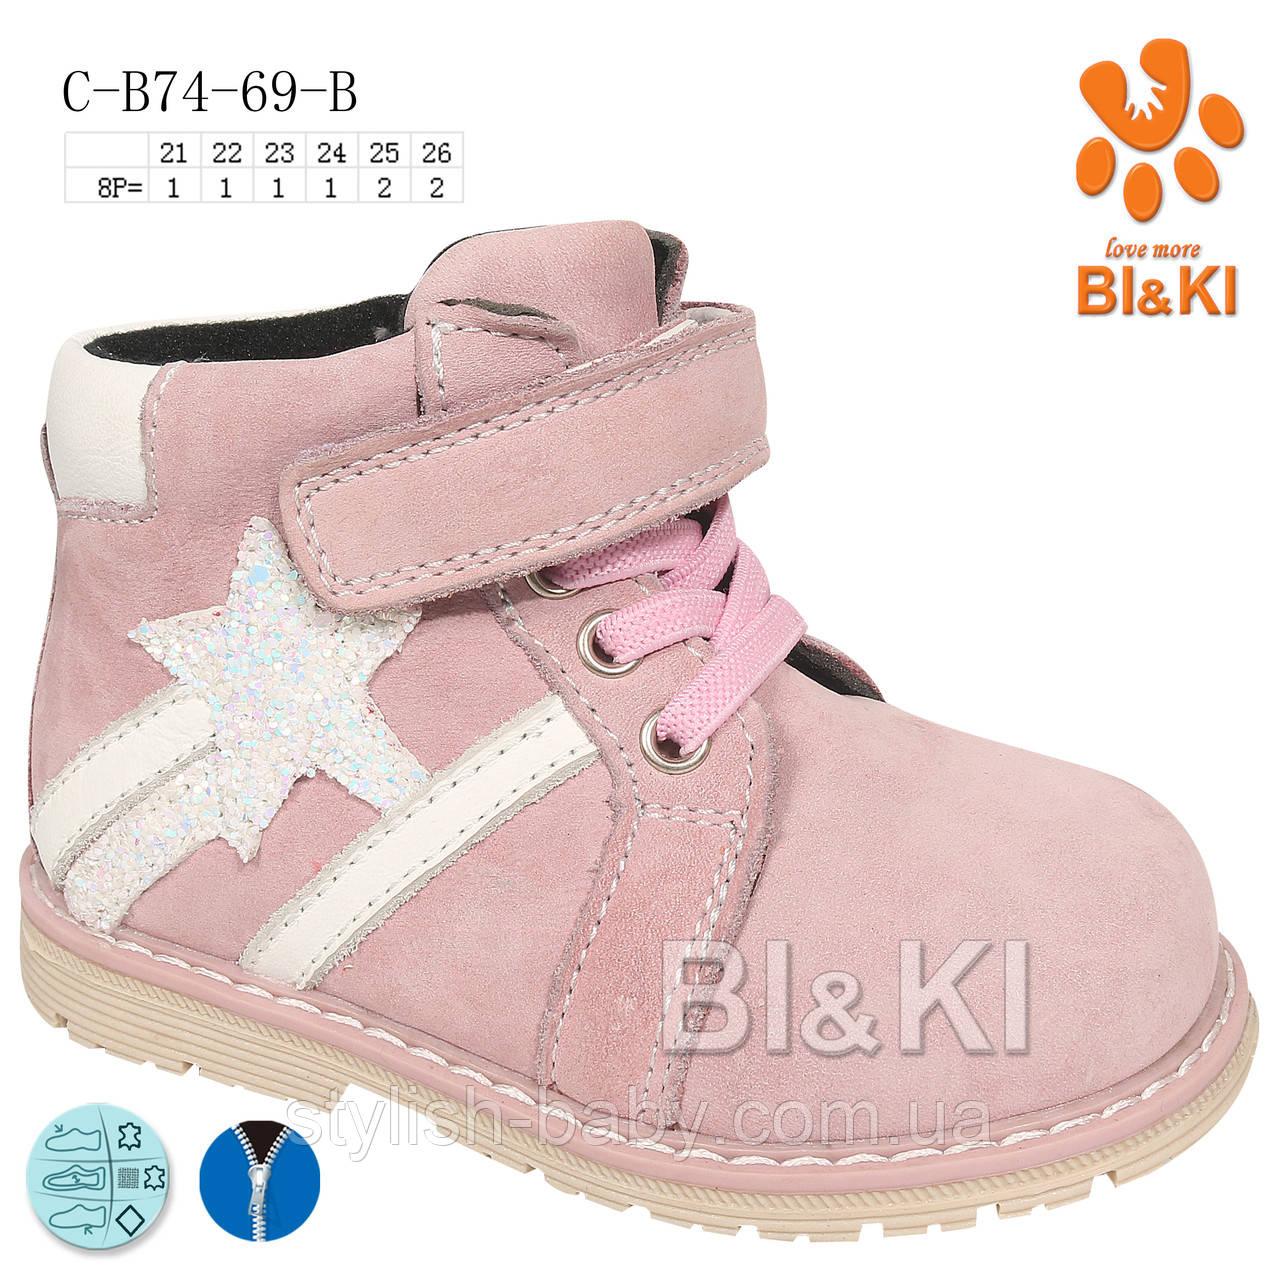 Детская обувь 2020 оптом. Детская демисезонная обувь бренда Tom.m - Bi&Ki для девочек (рр. с 21 по 26)